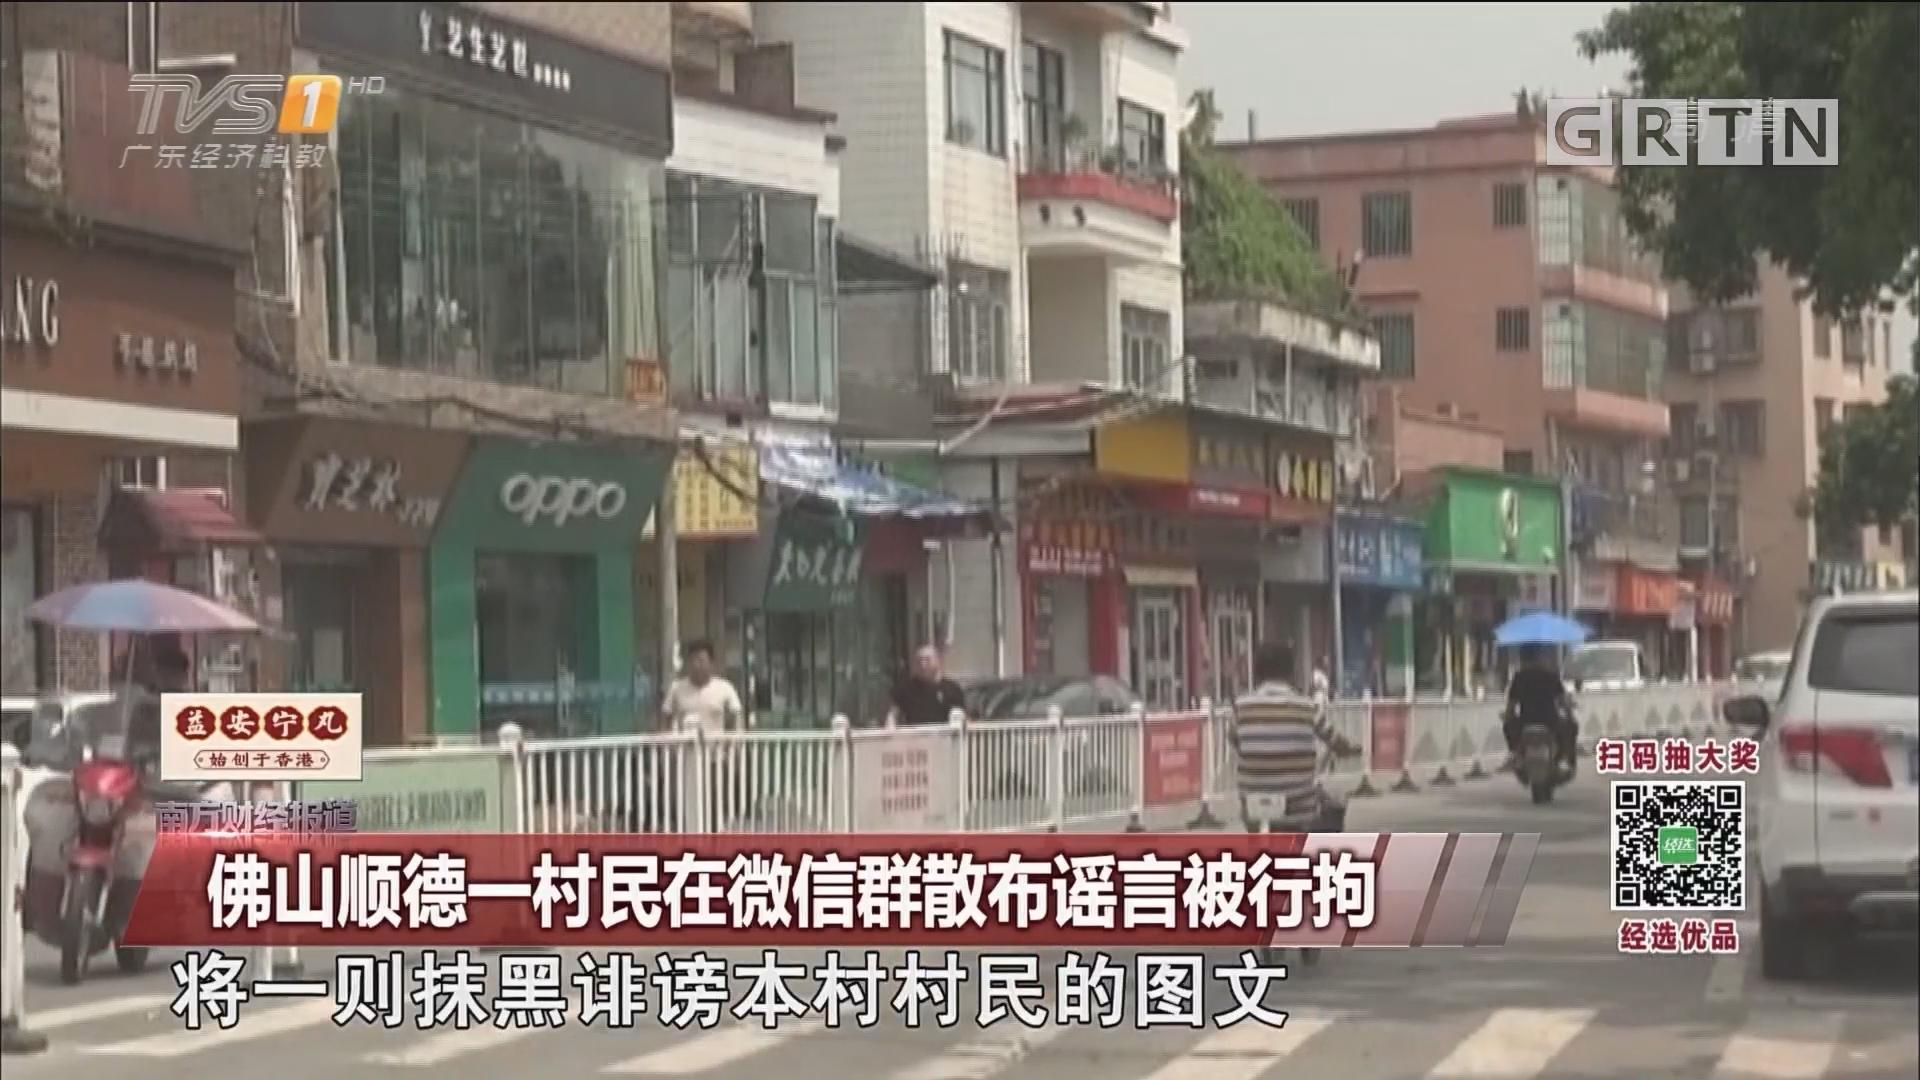 佛山顺德一村民在微信群散布谣言被行拘